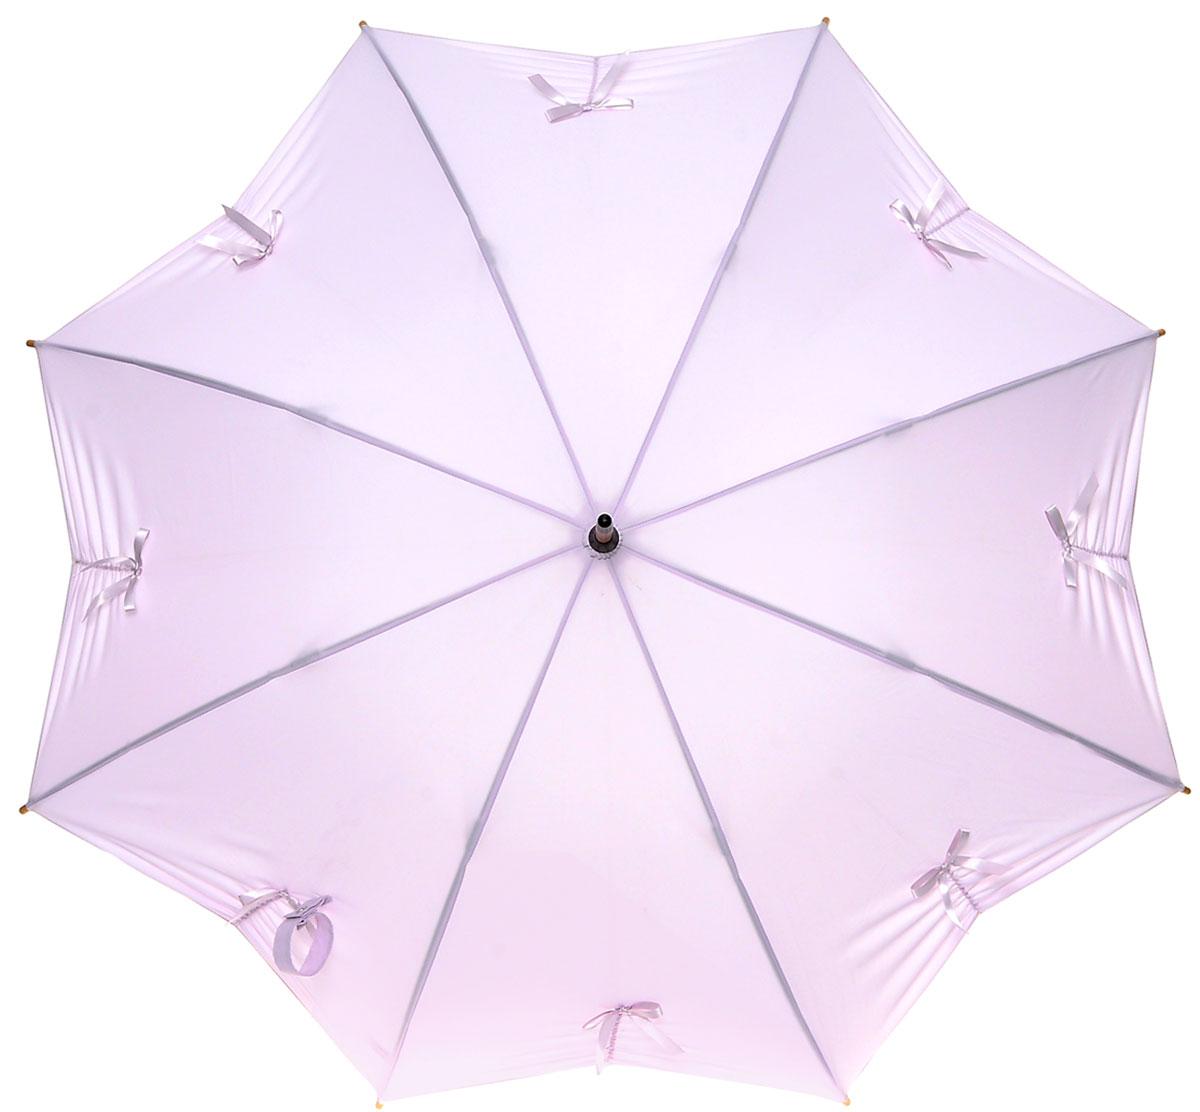 Зонт-трость женский Fulton Kensington, механический, цвет: сиреневый. L776-3211K50K503414_0010Модный механический зонт-трость Fulton Kensington. Каркас зонта состоит из 8 спиц из фибергласса и деревянного стержня. Купол зонта выполнен из прочного полиэстера и украшен аппликацией в виде бантиков. Изделие оснащено удобной рукояткой из дерева.Зонт механического сложения: купол открывается и закрывается вручную до характерного щелчка.Модель закрывается при помощи двух хлястиков с кнопками. Зонт-трость даже в ненастную погоду позволит вам оставаться стильной и элегантной. Такой зонт не только надежно защитит вас от дождя, но и станет стильным аксессуаром, который идеально подчеркнет ваш неповторимый образ.